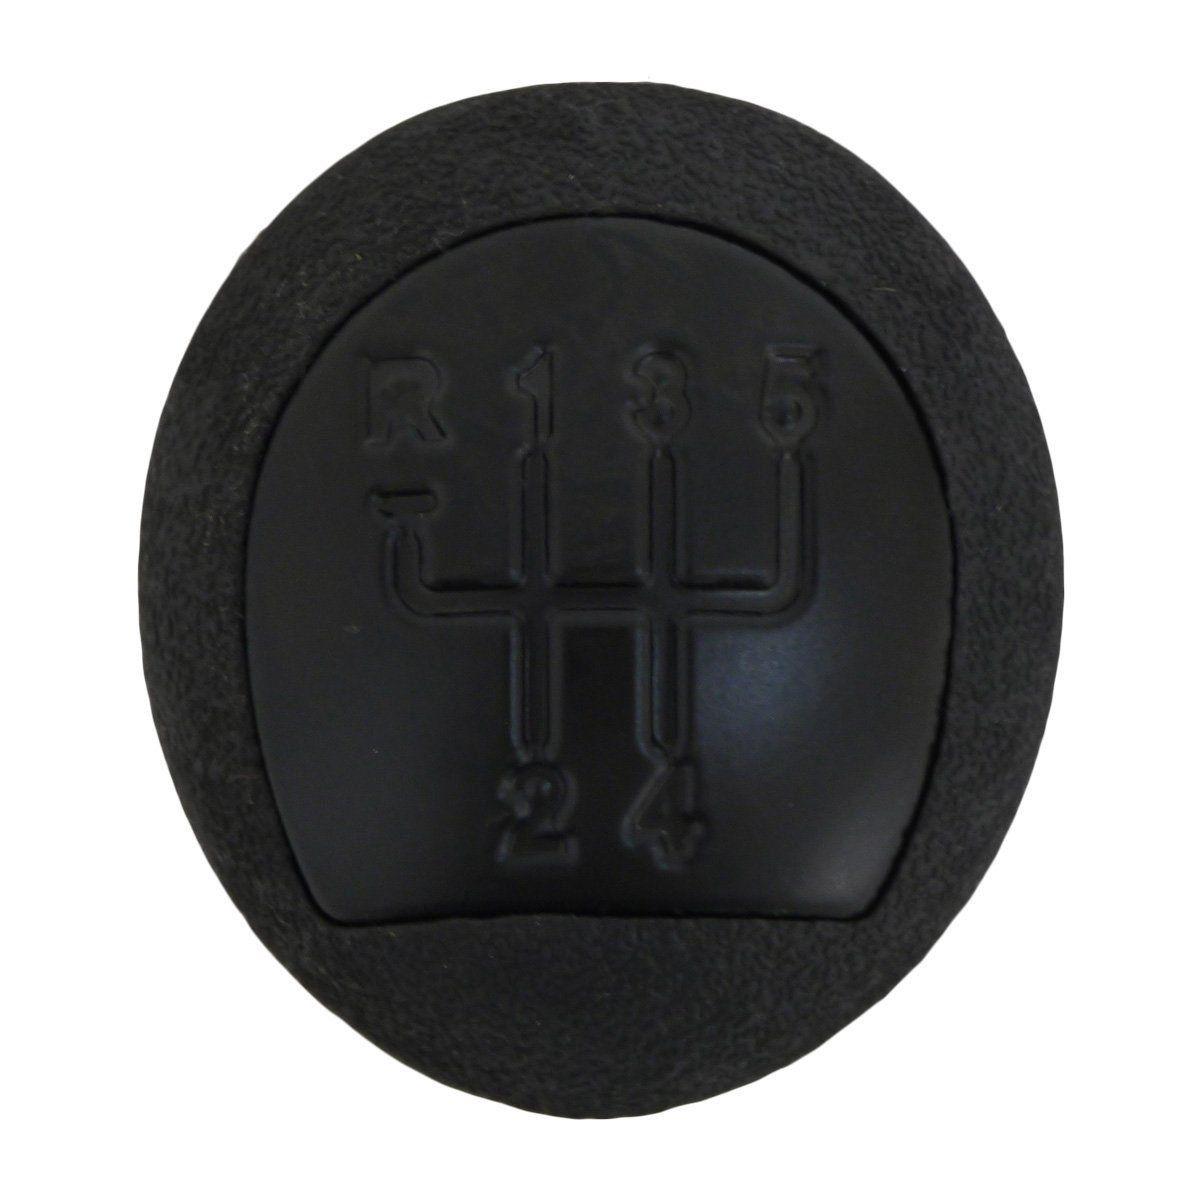 Bola Manopla Câmbio Clio Scenic Symbol - Preto